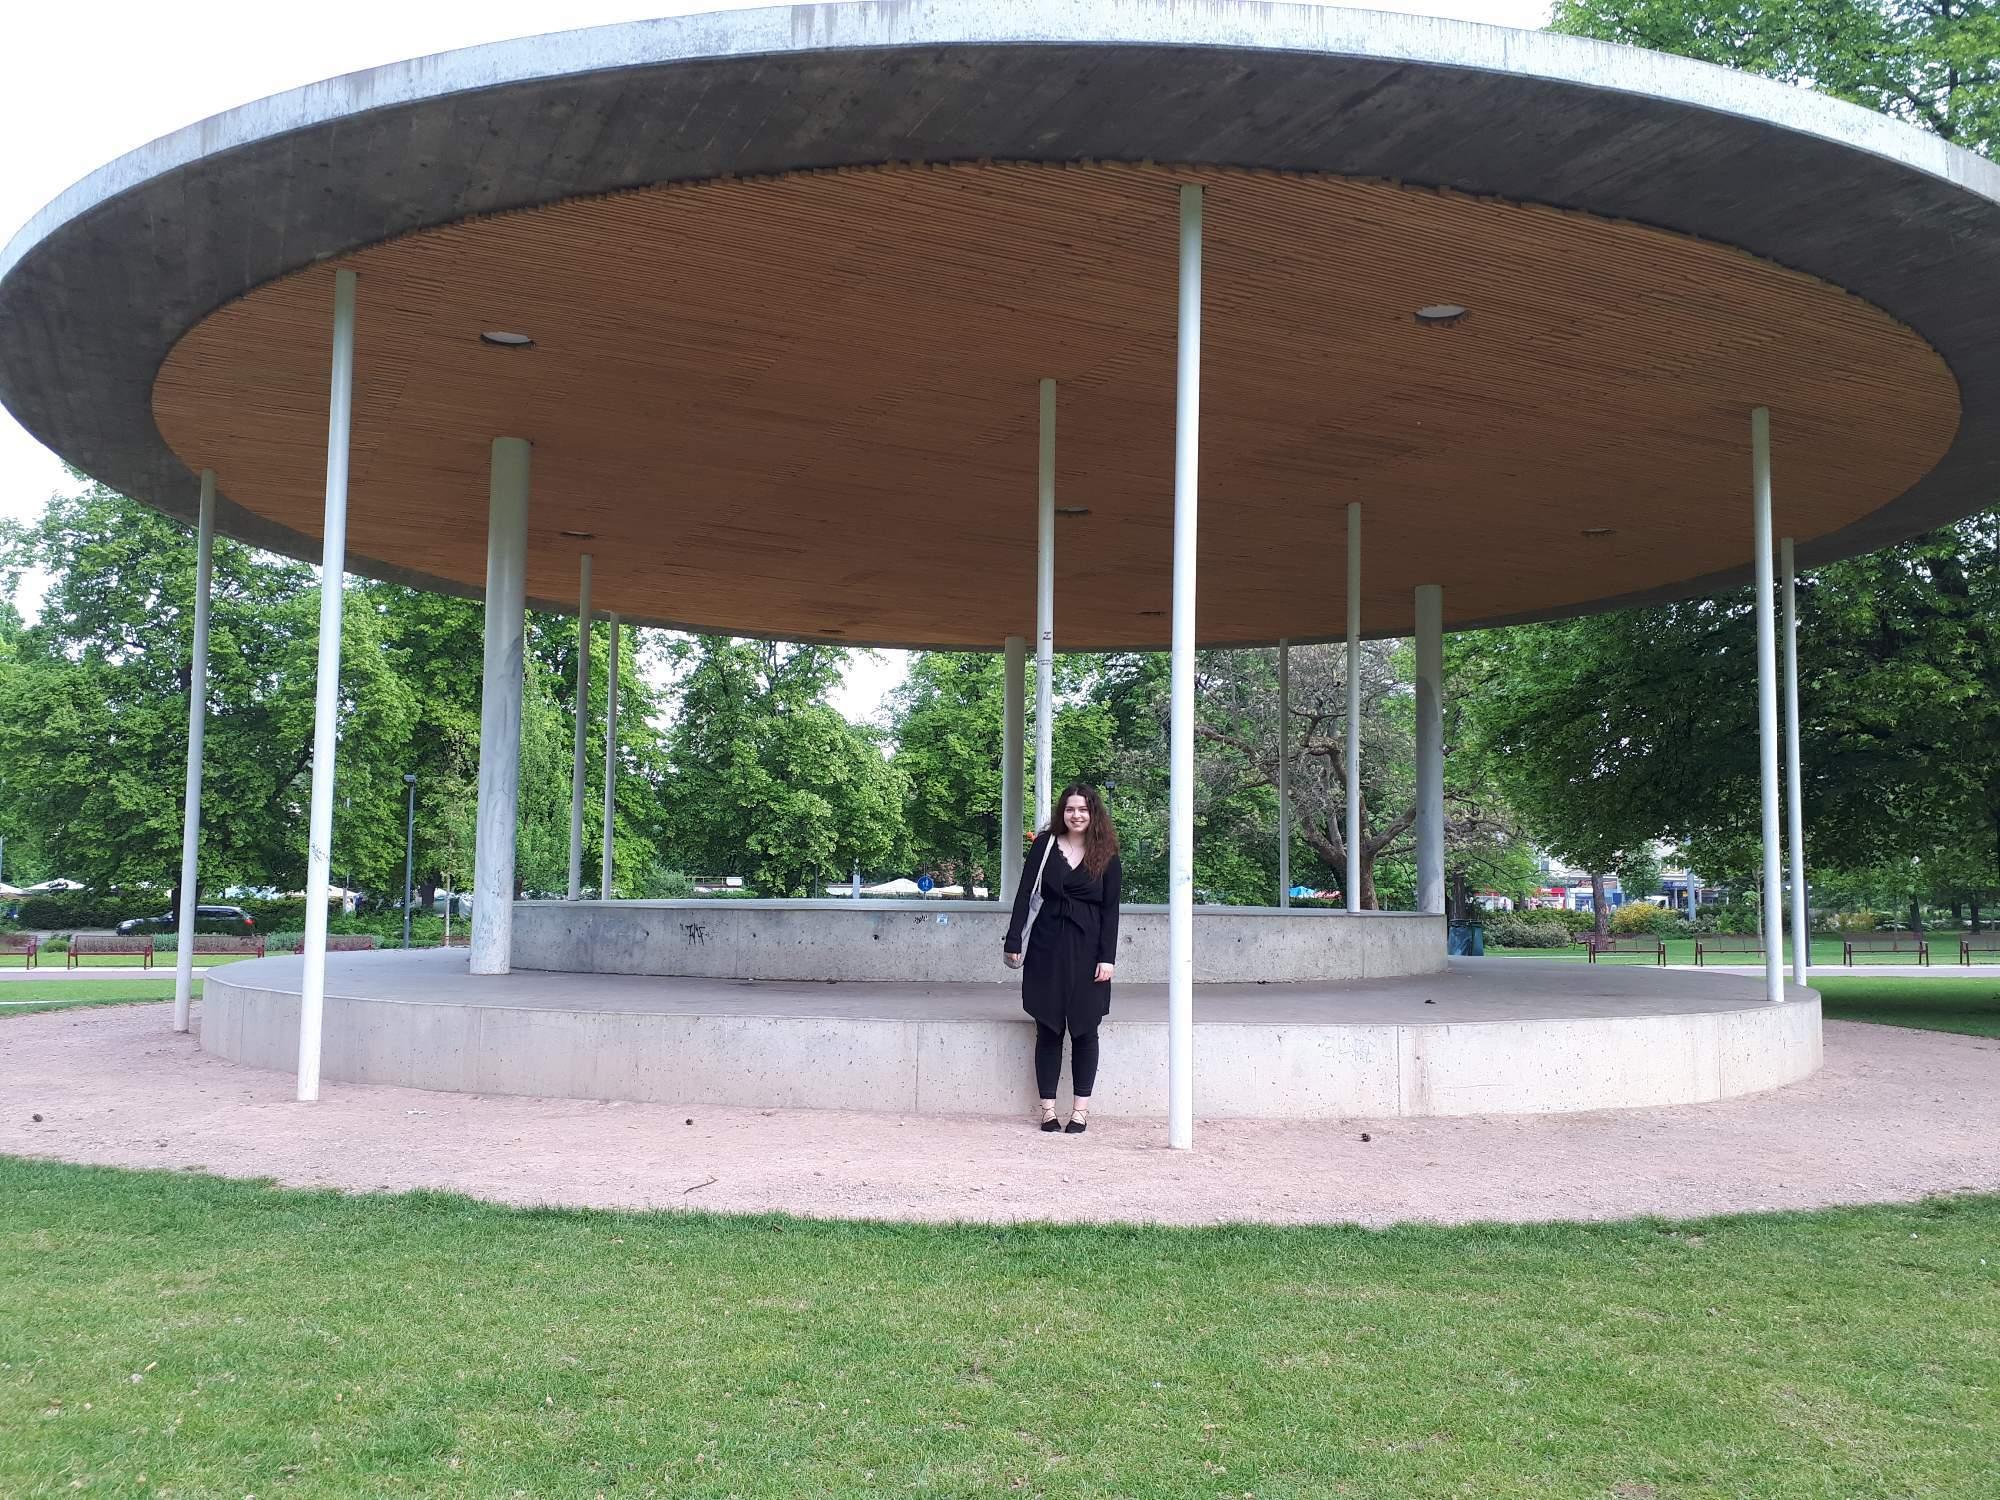 Ráda navštěvuje Park Komenského, který se před několika lety rekonstruoval. Foto: Jana Blahošová